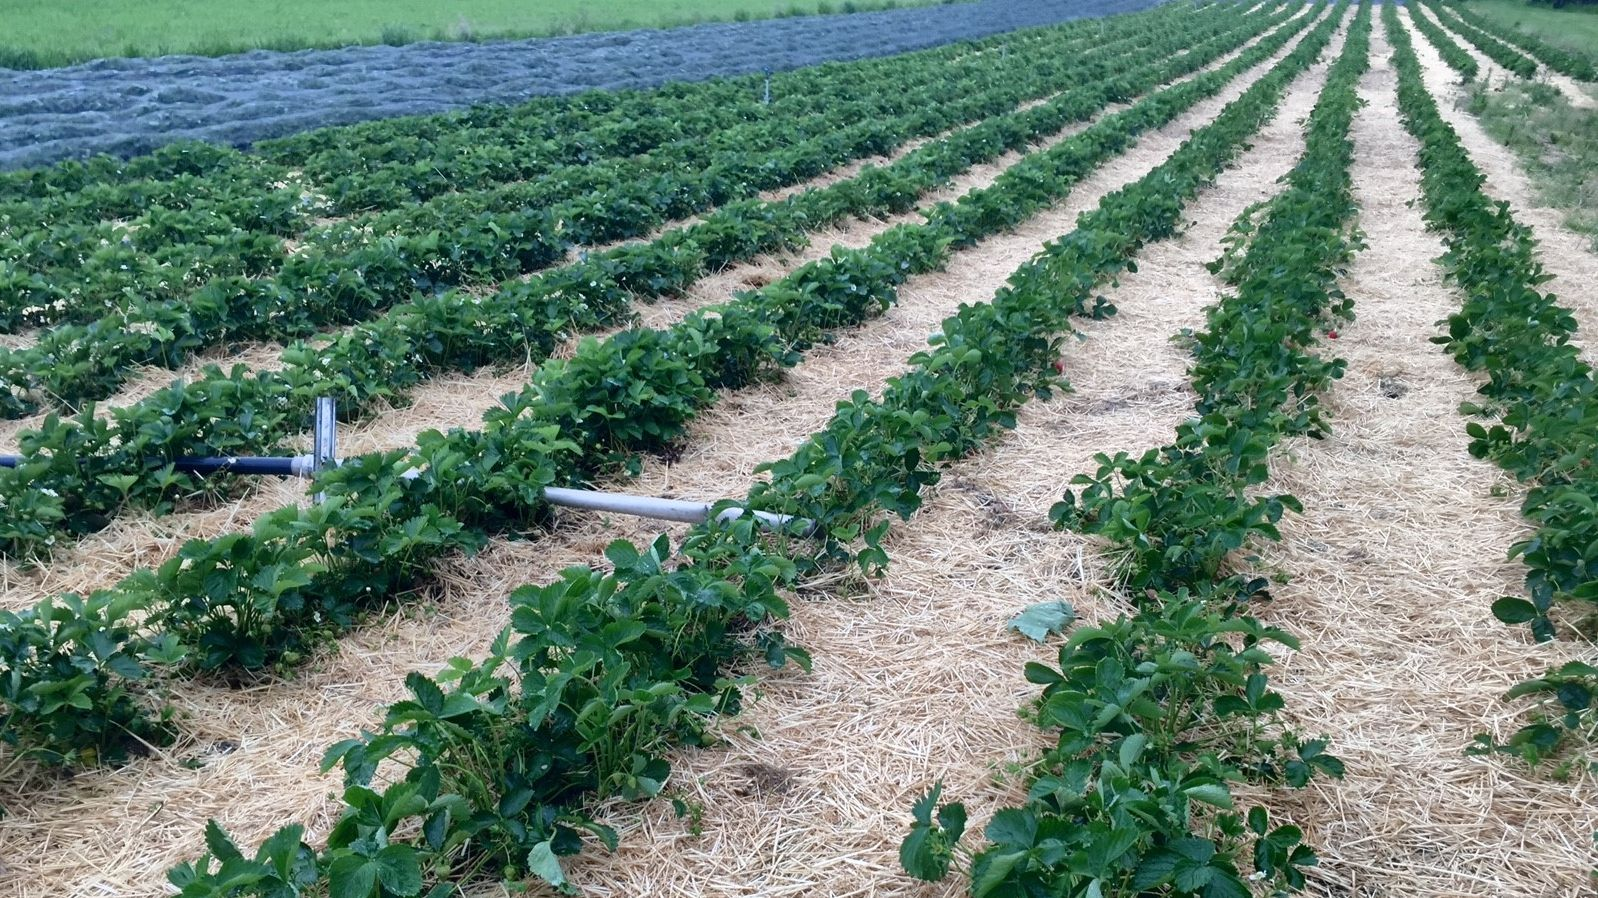 Plantage mit Erdbeeren bei Lindau (Archivbild)